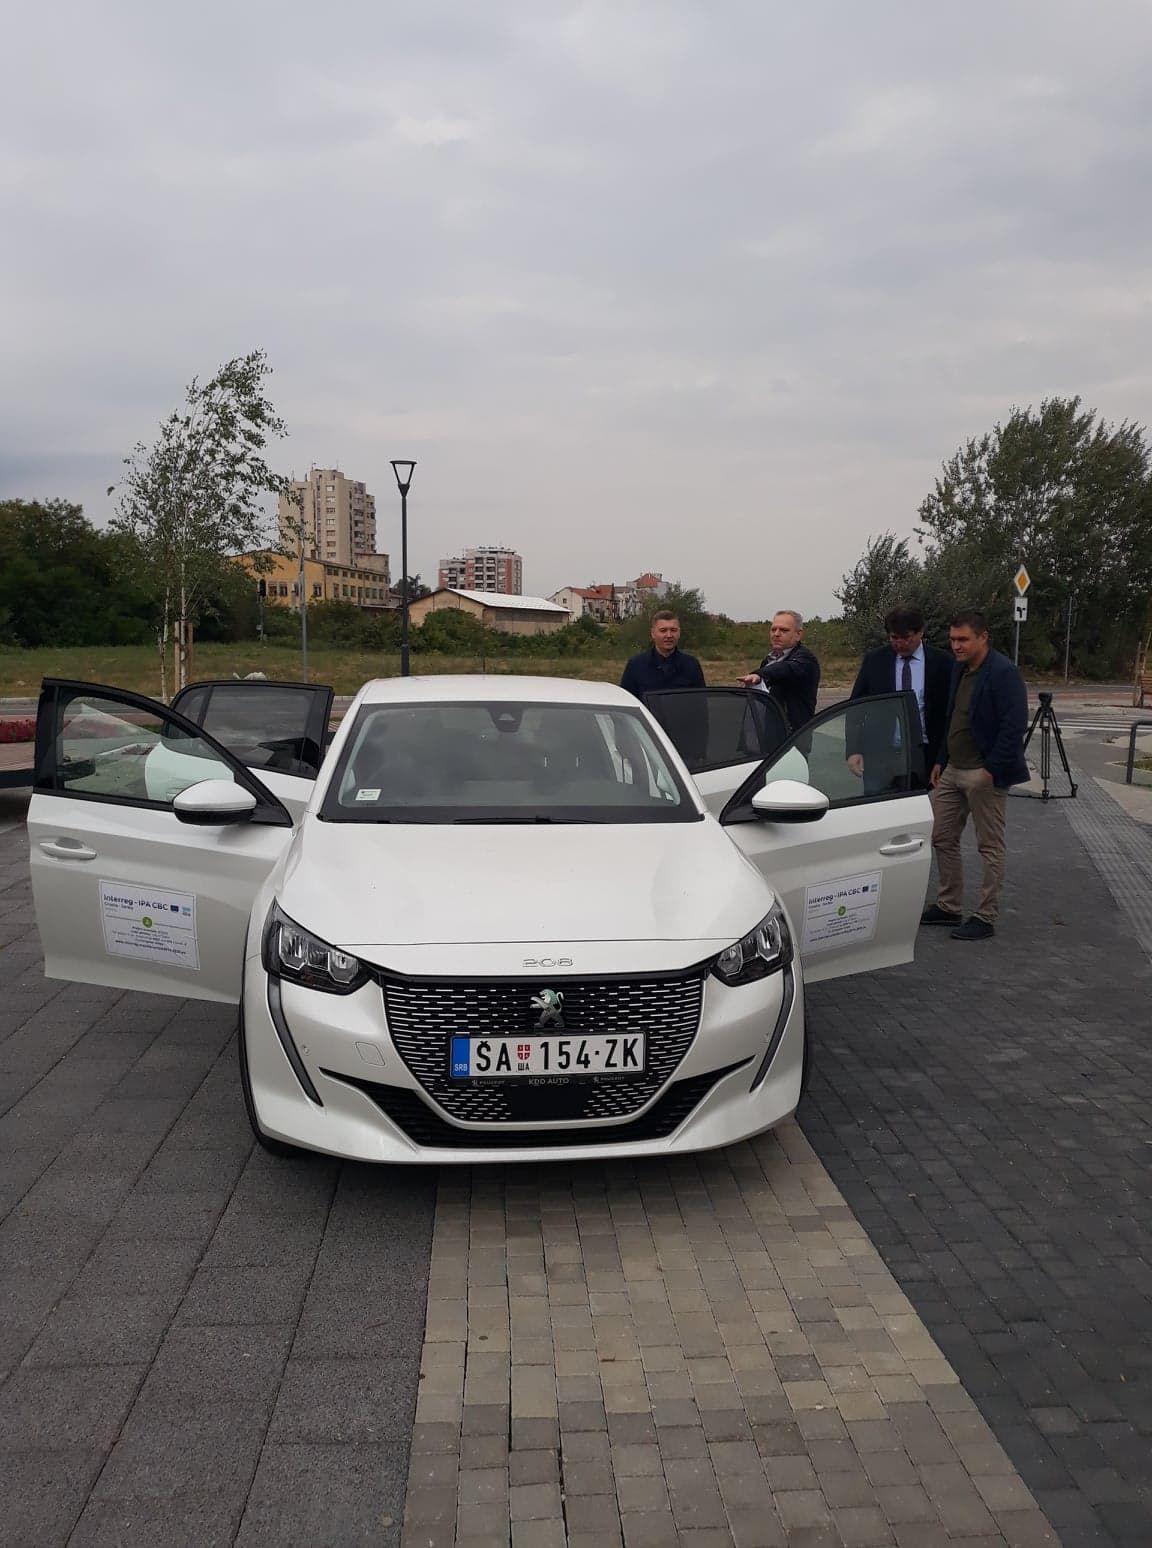 Шабачке првине: Први електрични аутомобил у Србији